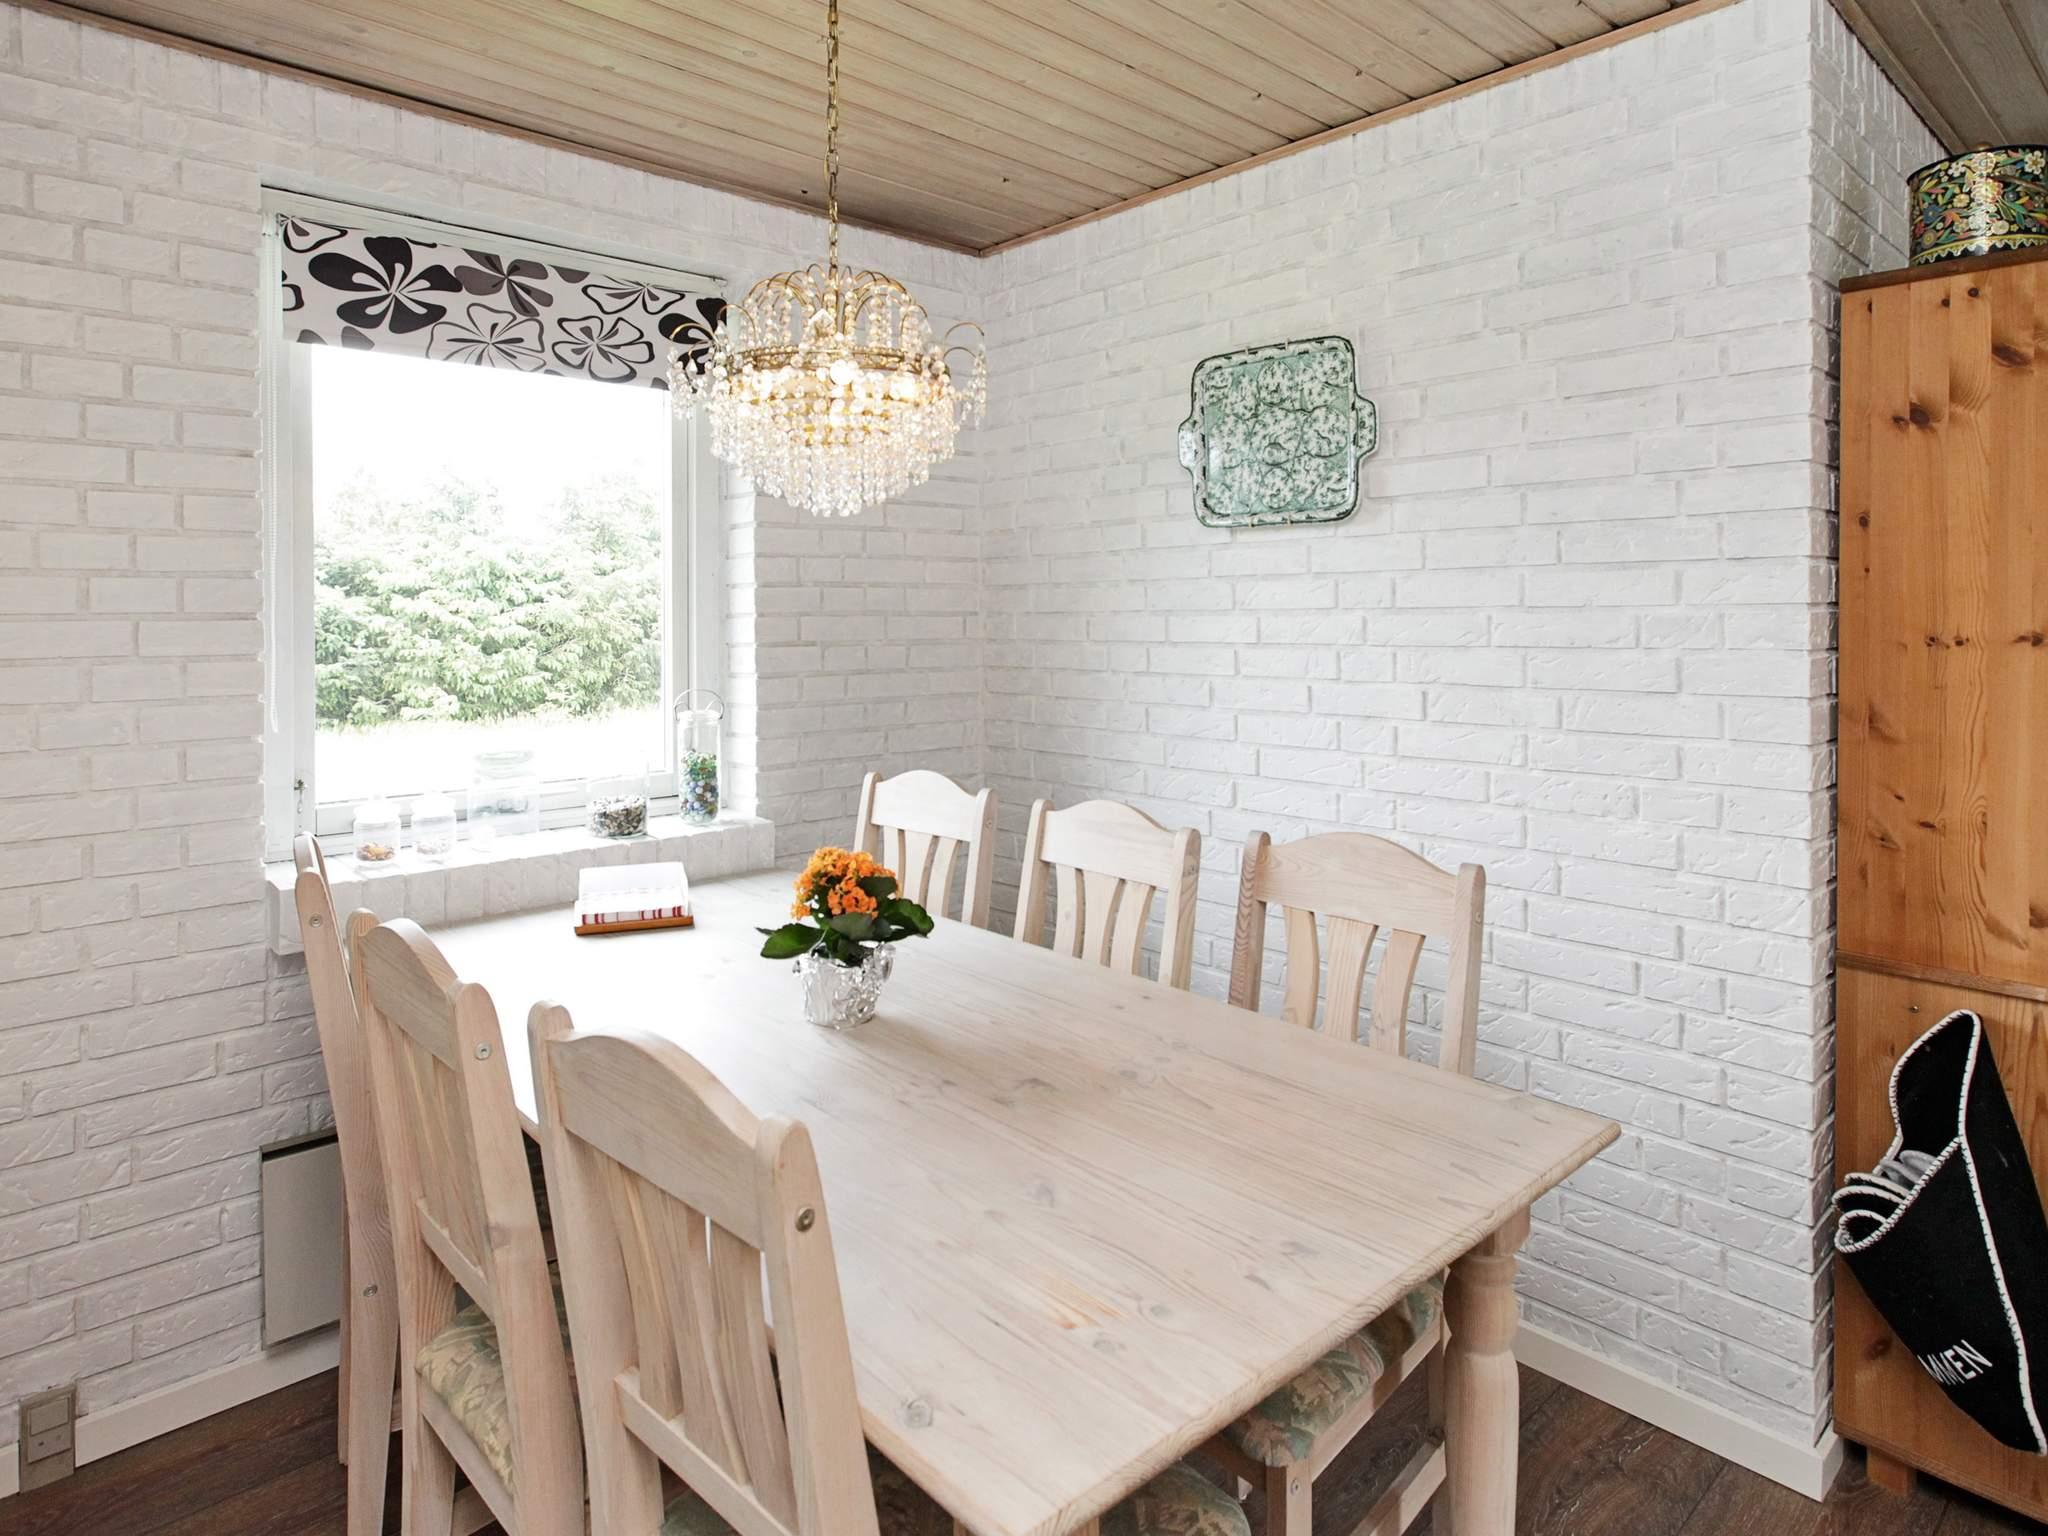 Ferienhaus Hals/Koldkær (359577), Hals, , Nordostjütland, Dänemark, Bild 6